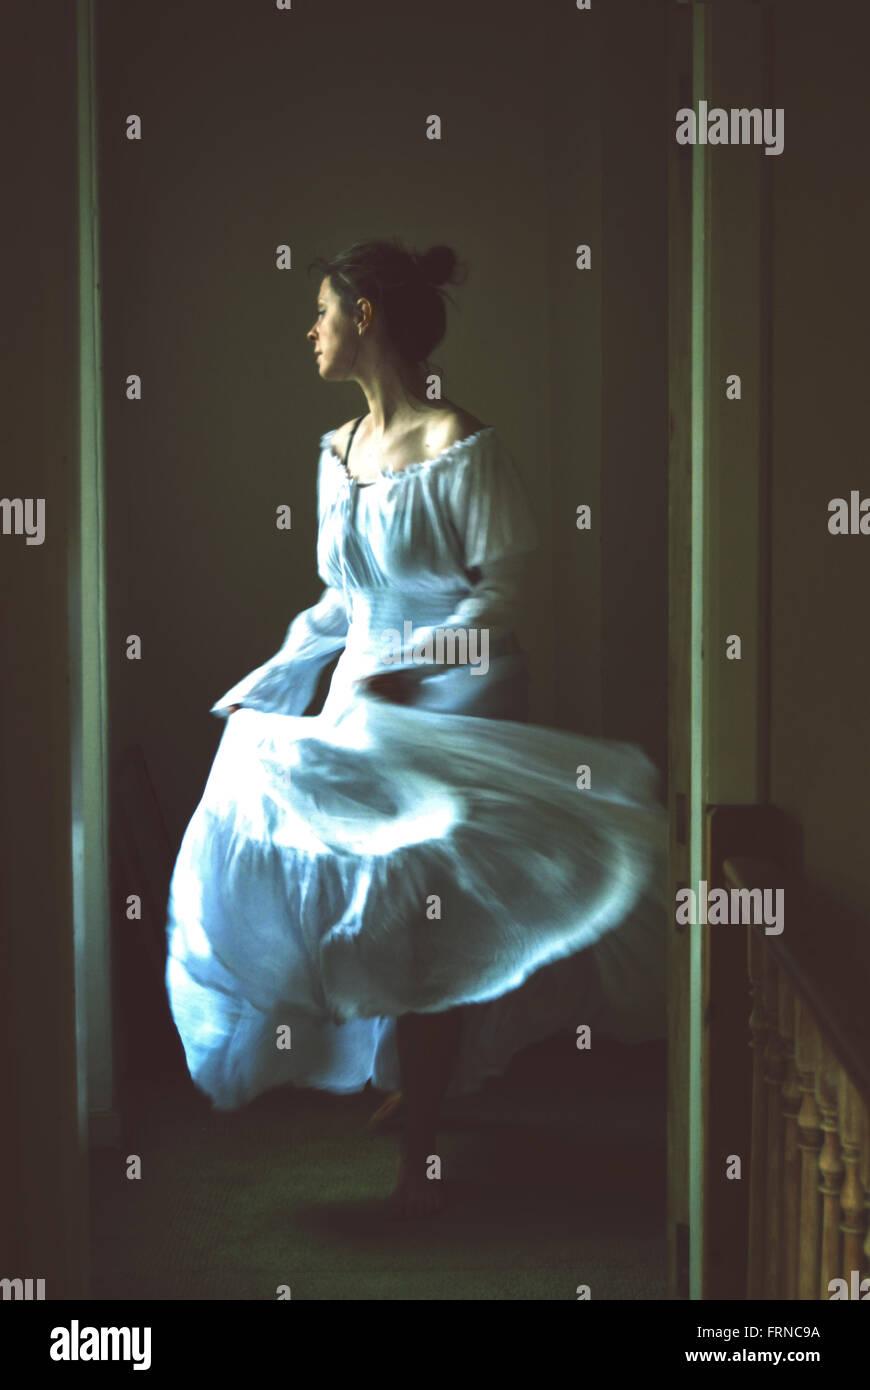 Giovane donna dancing in una vecchia casa indossando bianco lungo abito romantico Immagini Stock